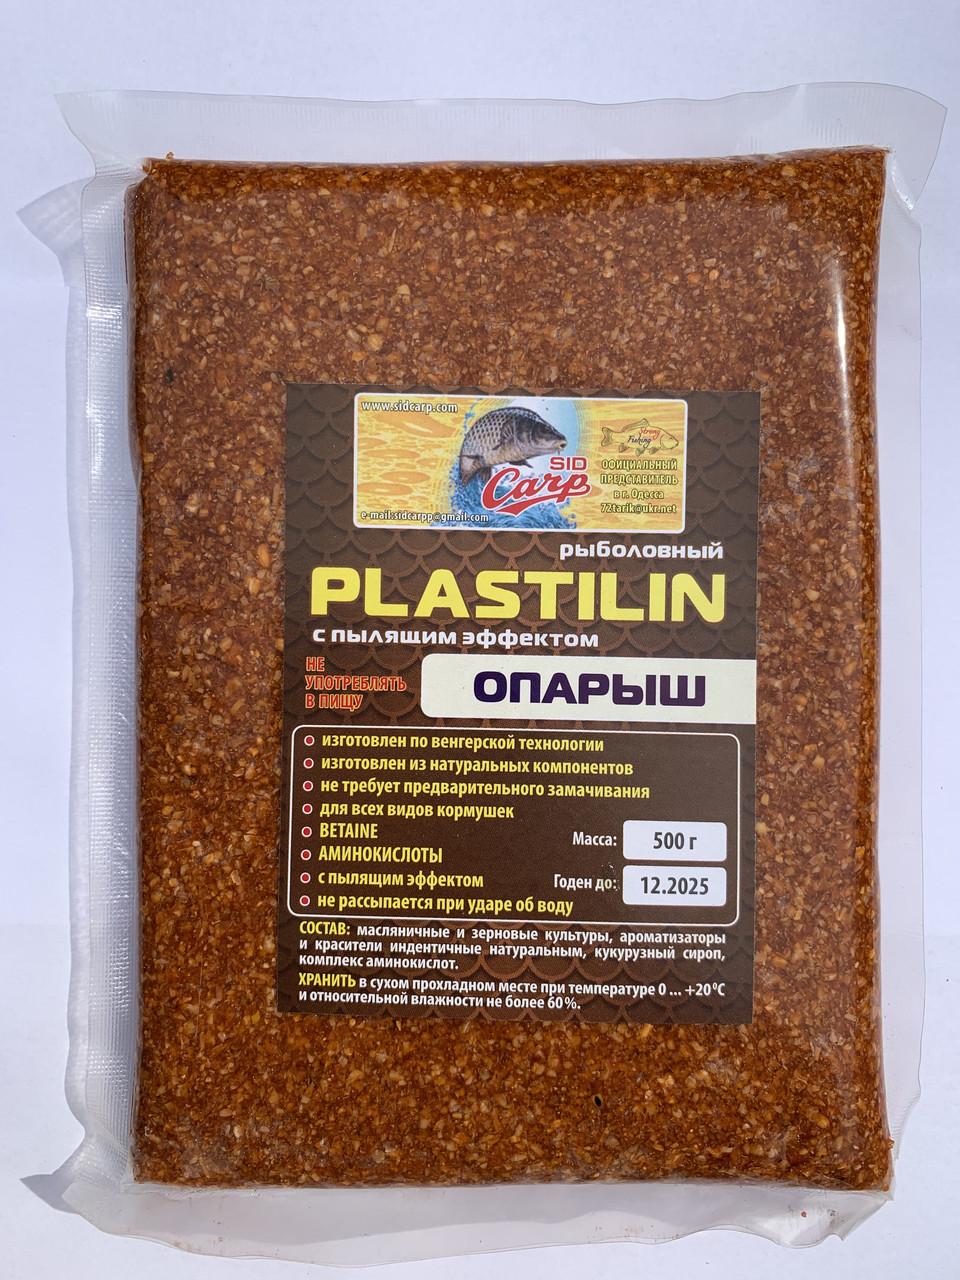 Пластилин пылящий Sid Carp 500g Опарыш (95200114)